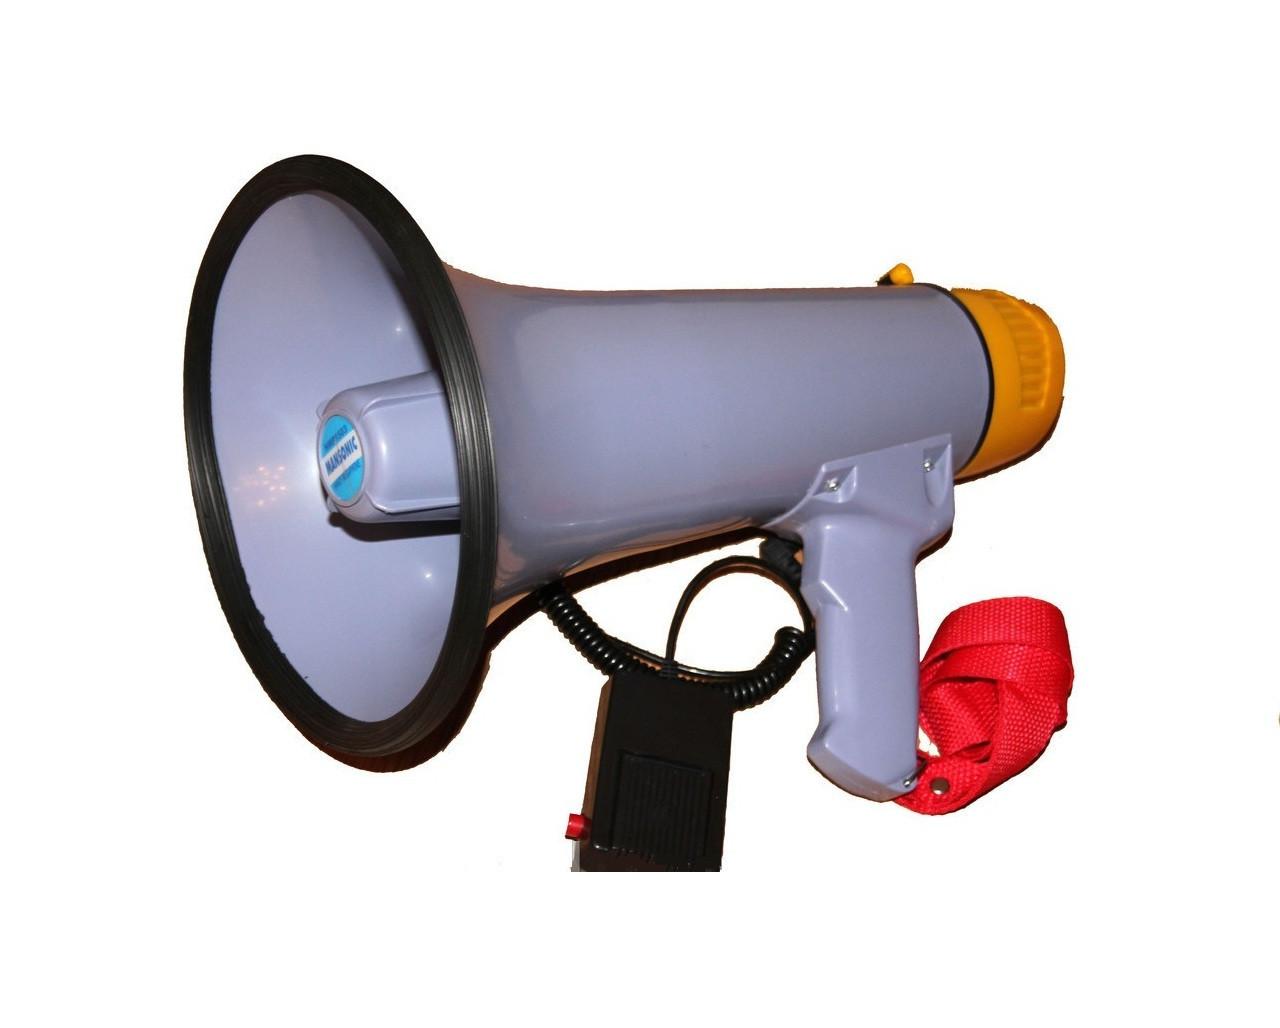 Рупор-мегафон ручной переносной MANSONIC HMP 1503, 15 Вт - СамеТо ТМ интернет-магазин sameto.com.ua в Днепре